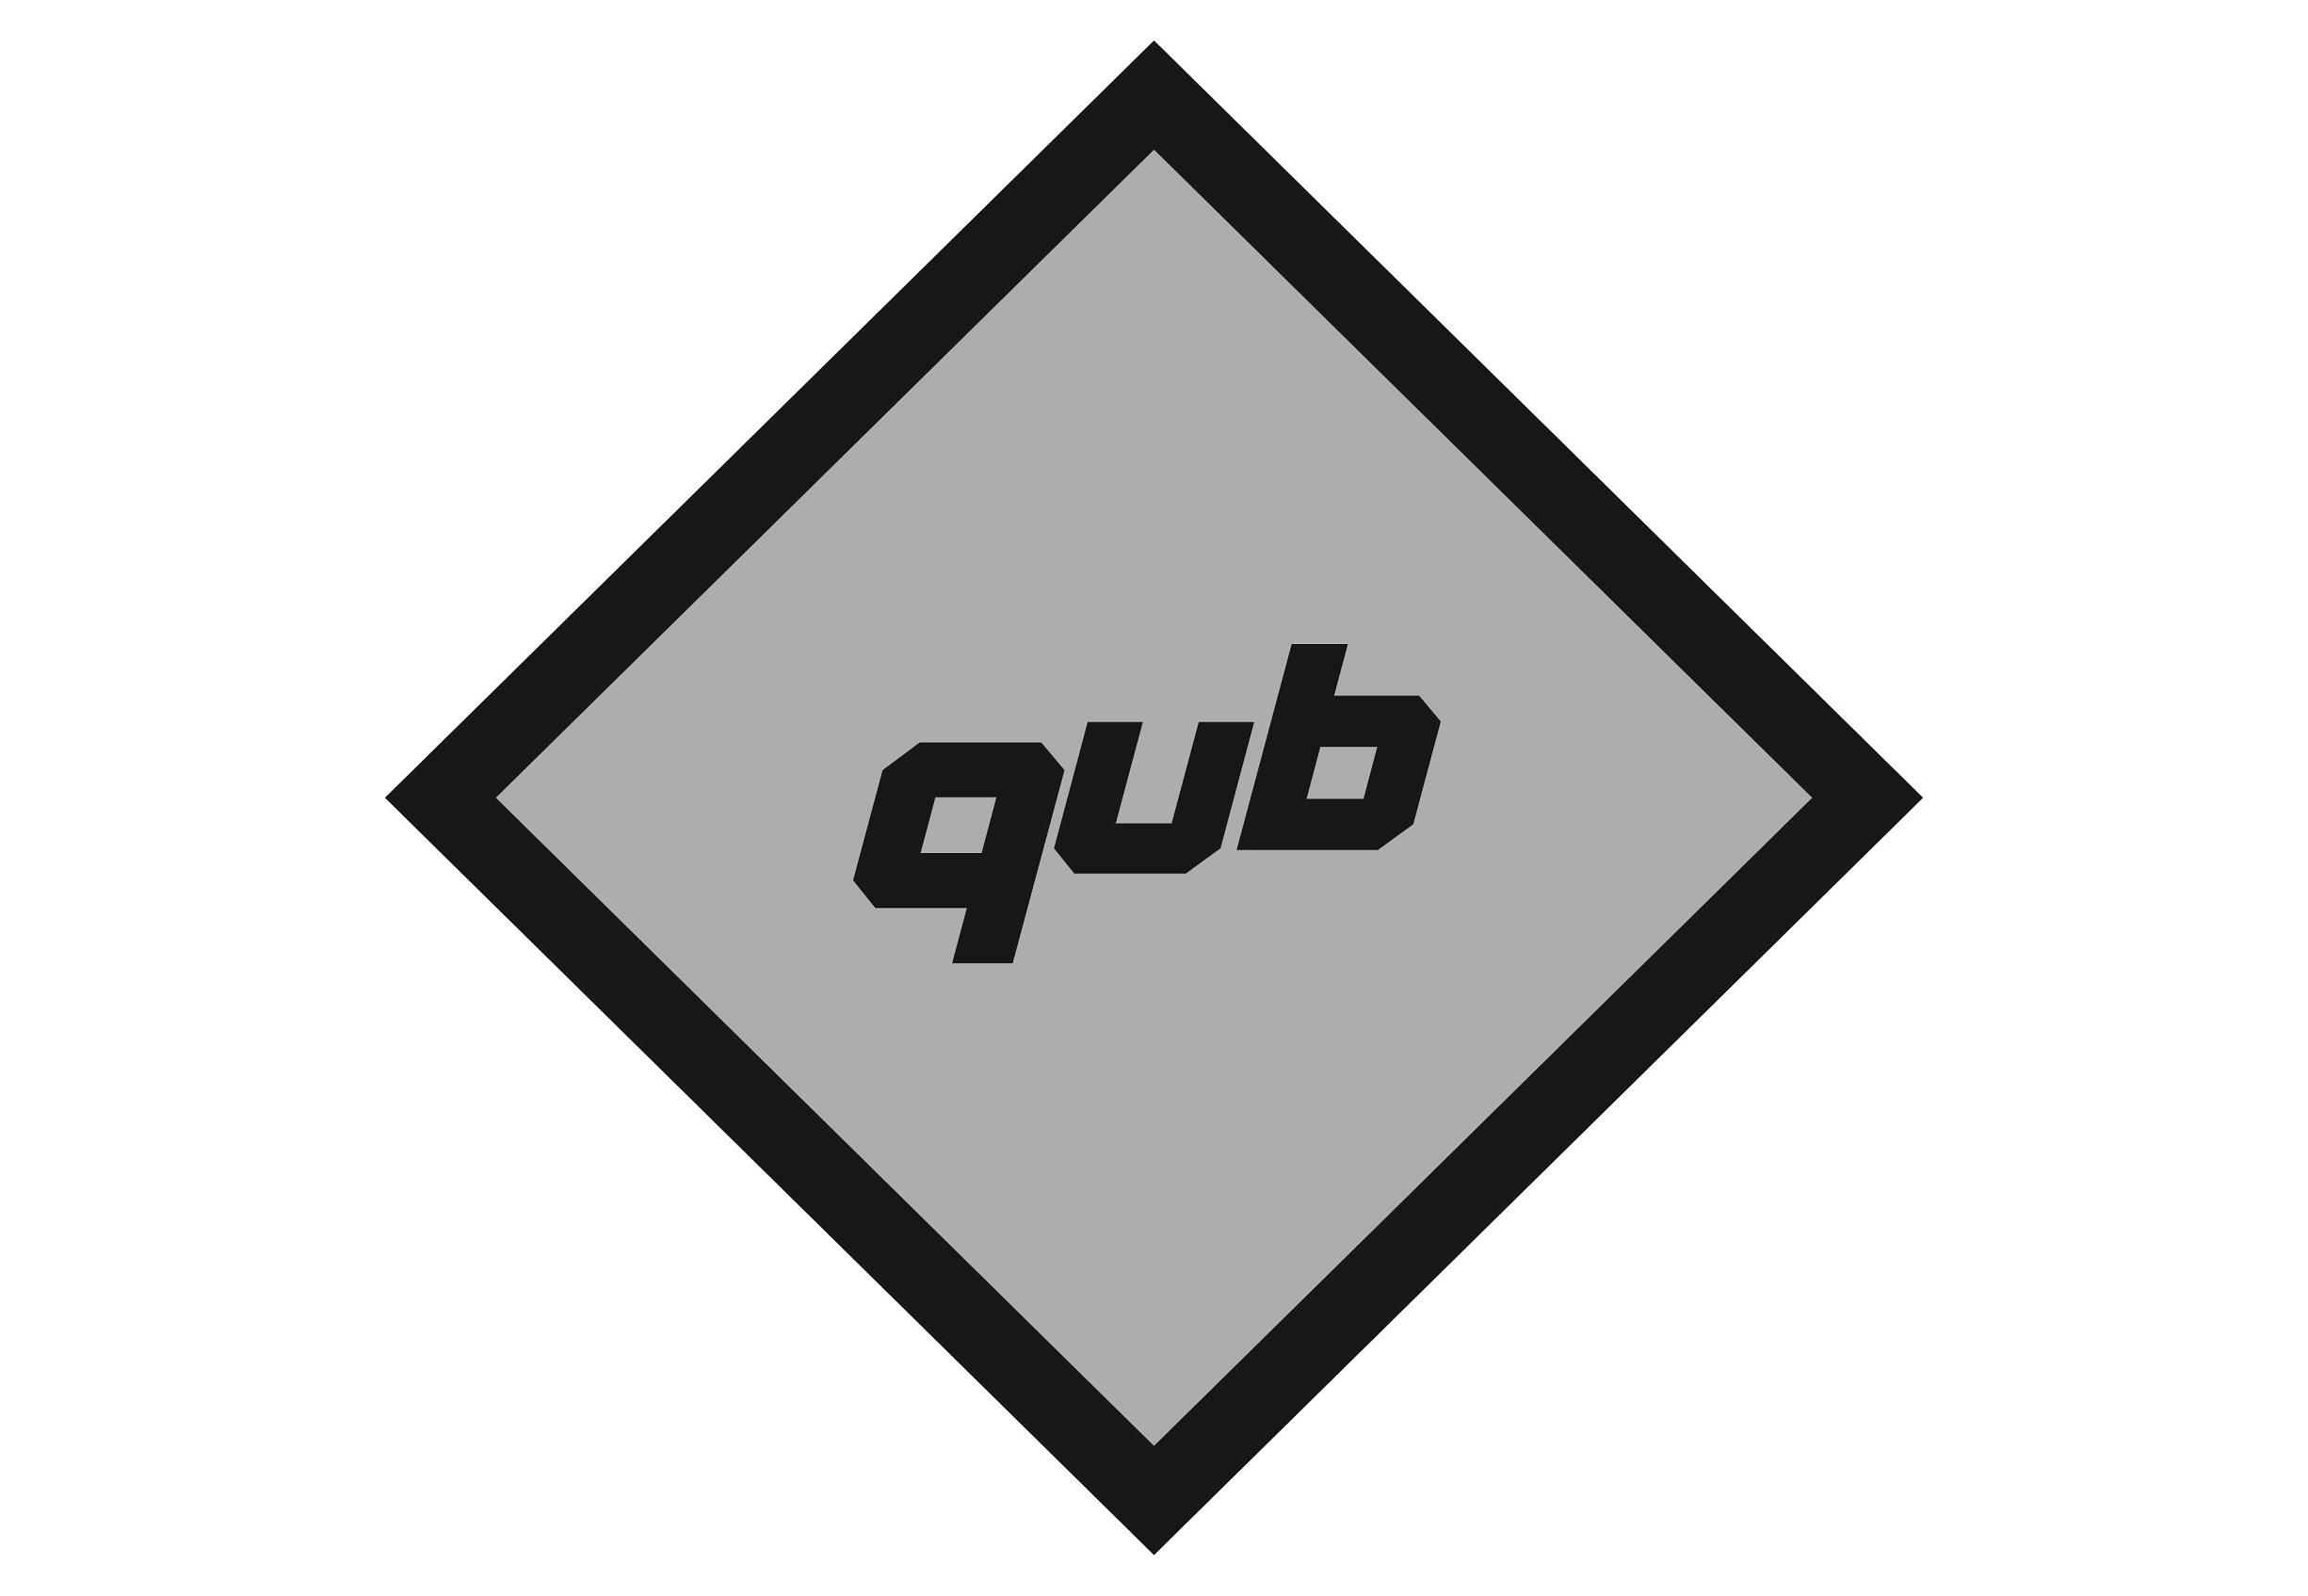 Разработка логотипа и фирменного стиля для ТМ фото f_8605f2140b6e6306.jpg